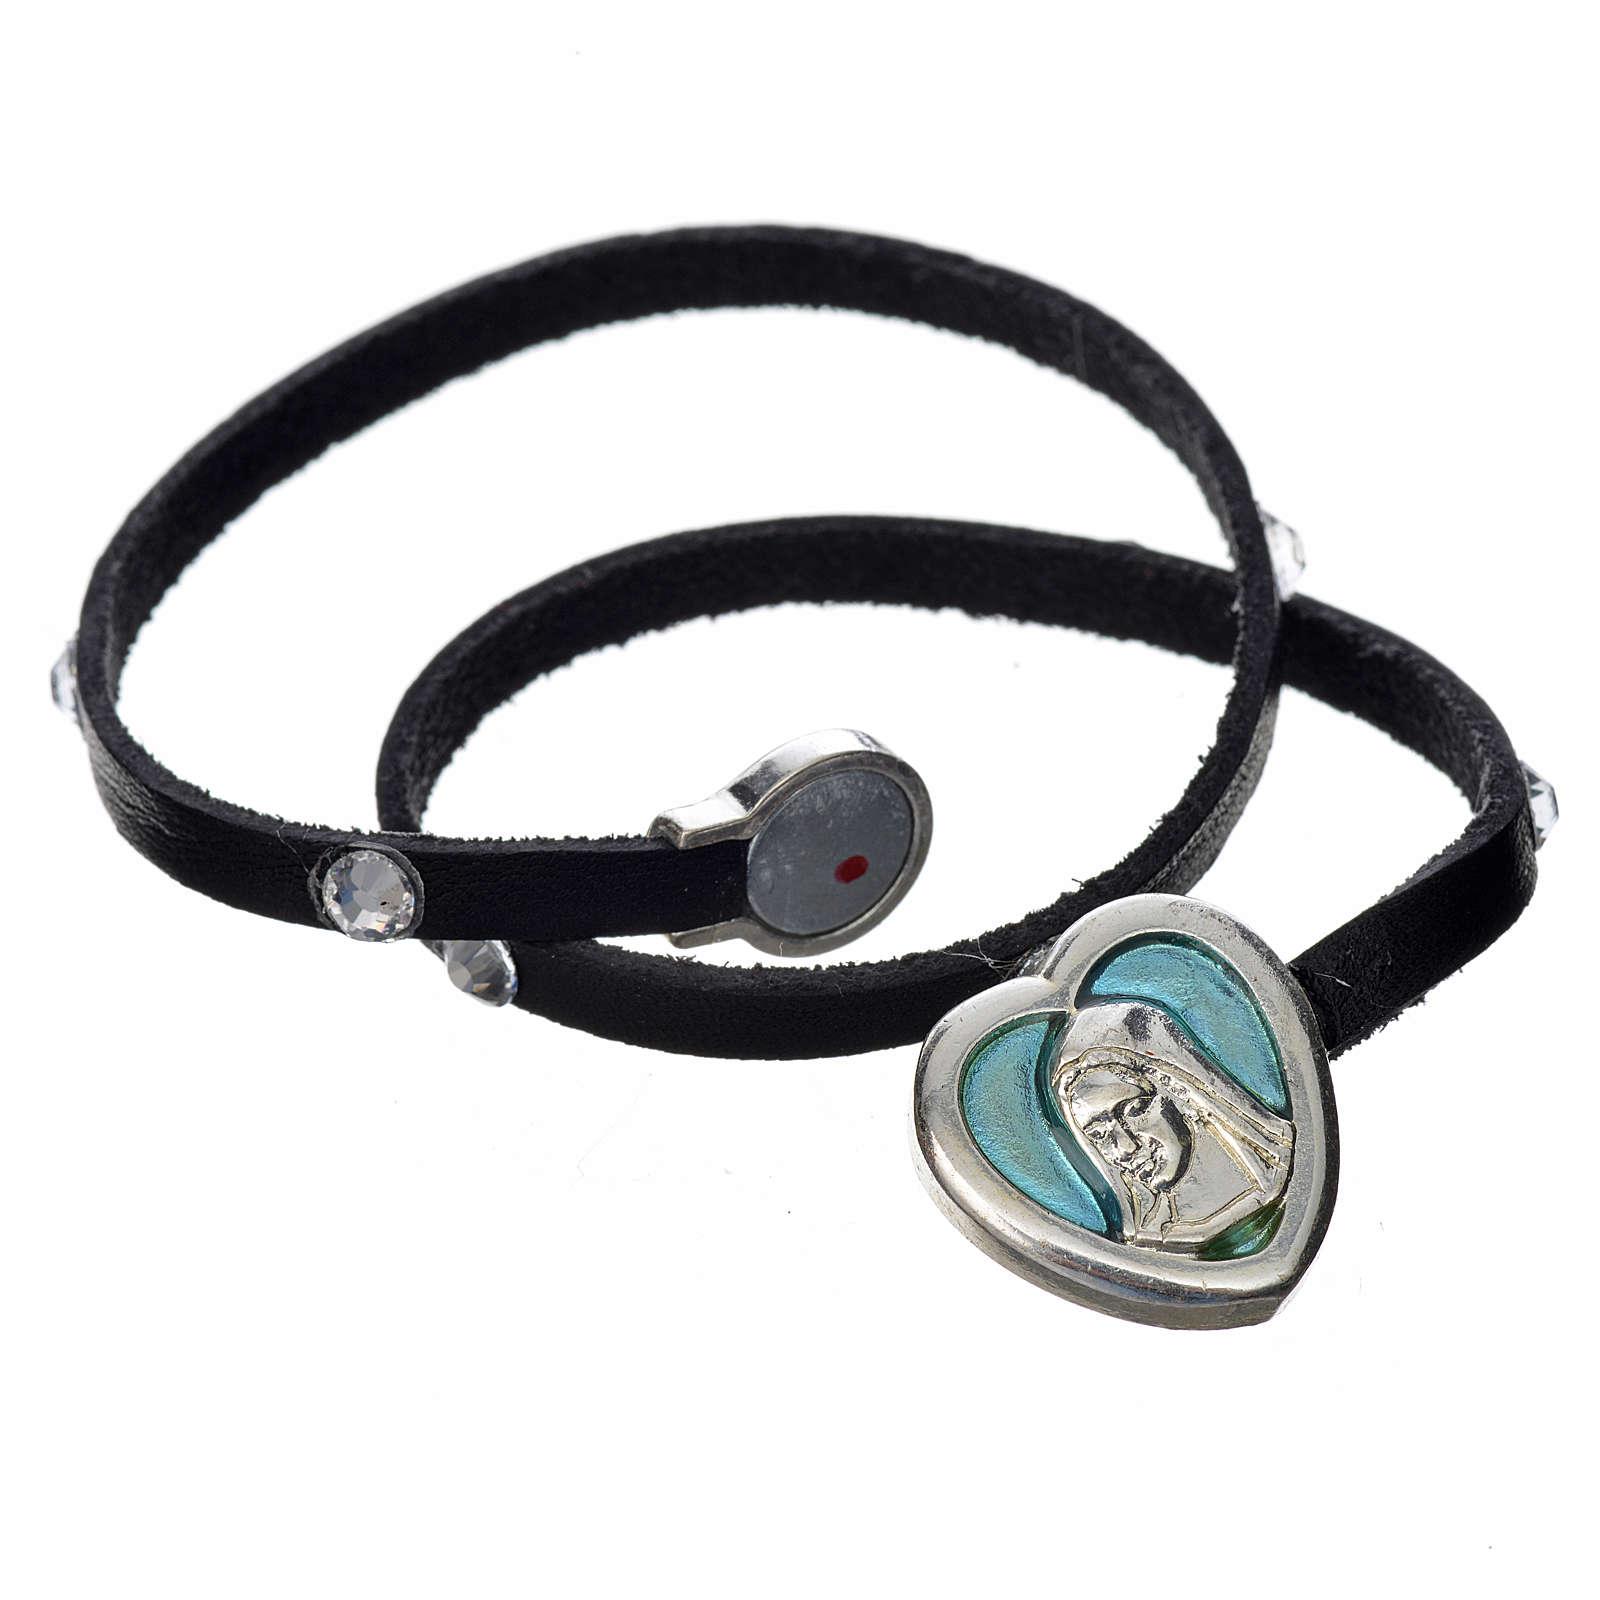 Bracelet cuir noir et Swarovski image Vierge Marie émail bleu 4